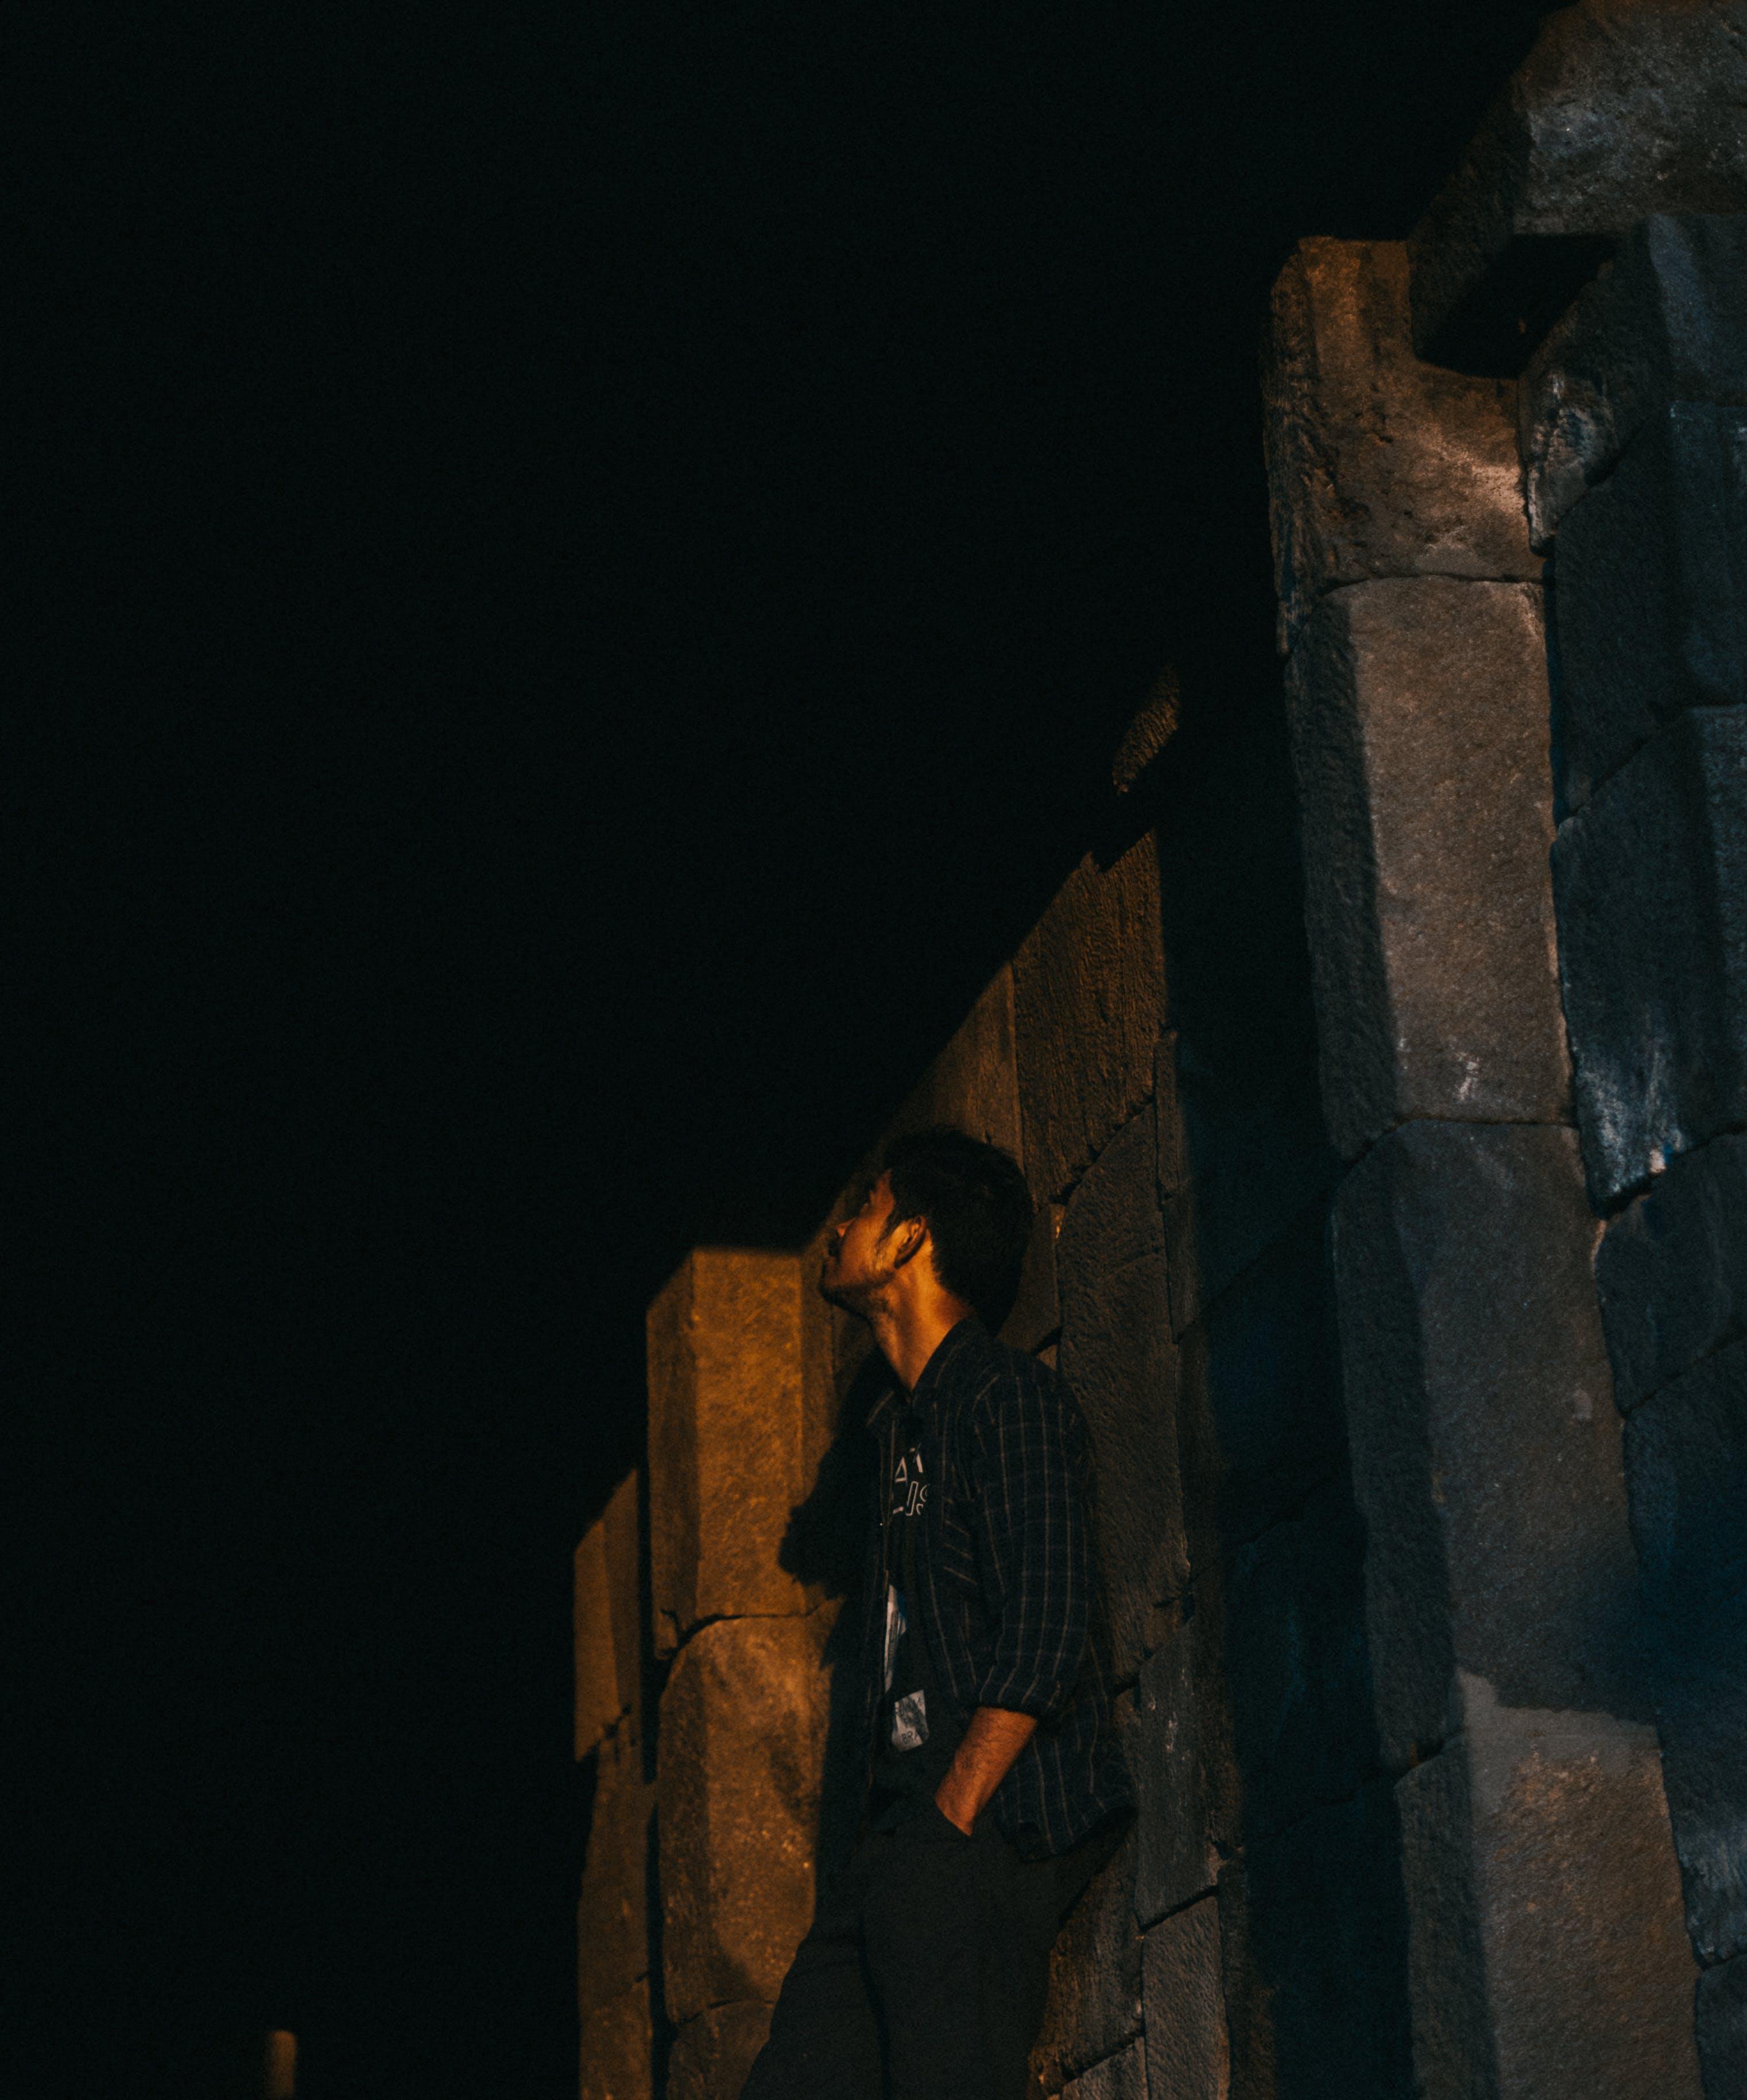 Foto profissional grátis de apoiando, homem, muro, noite